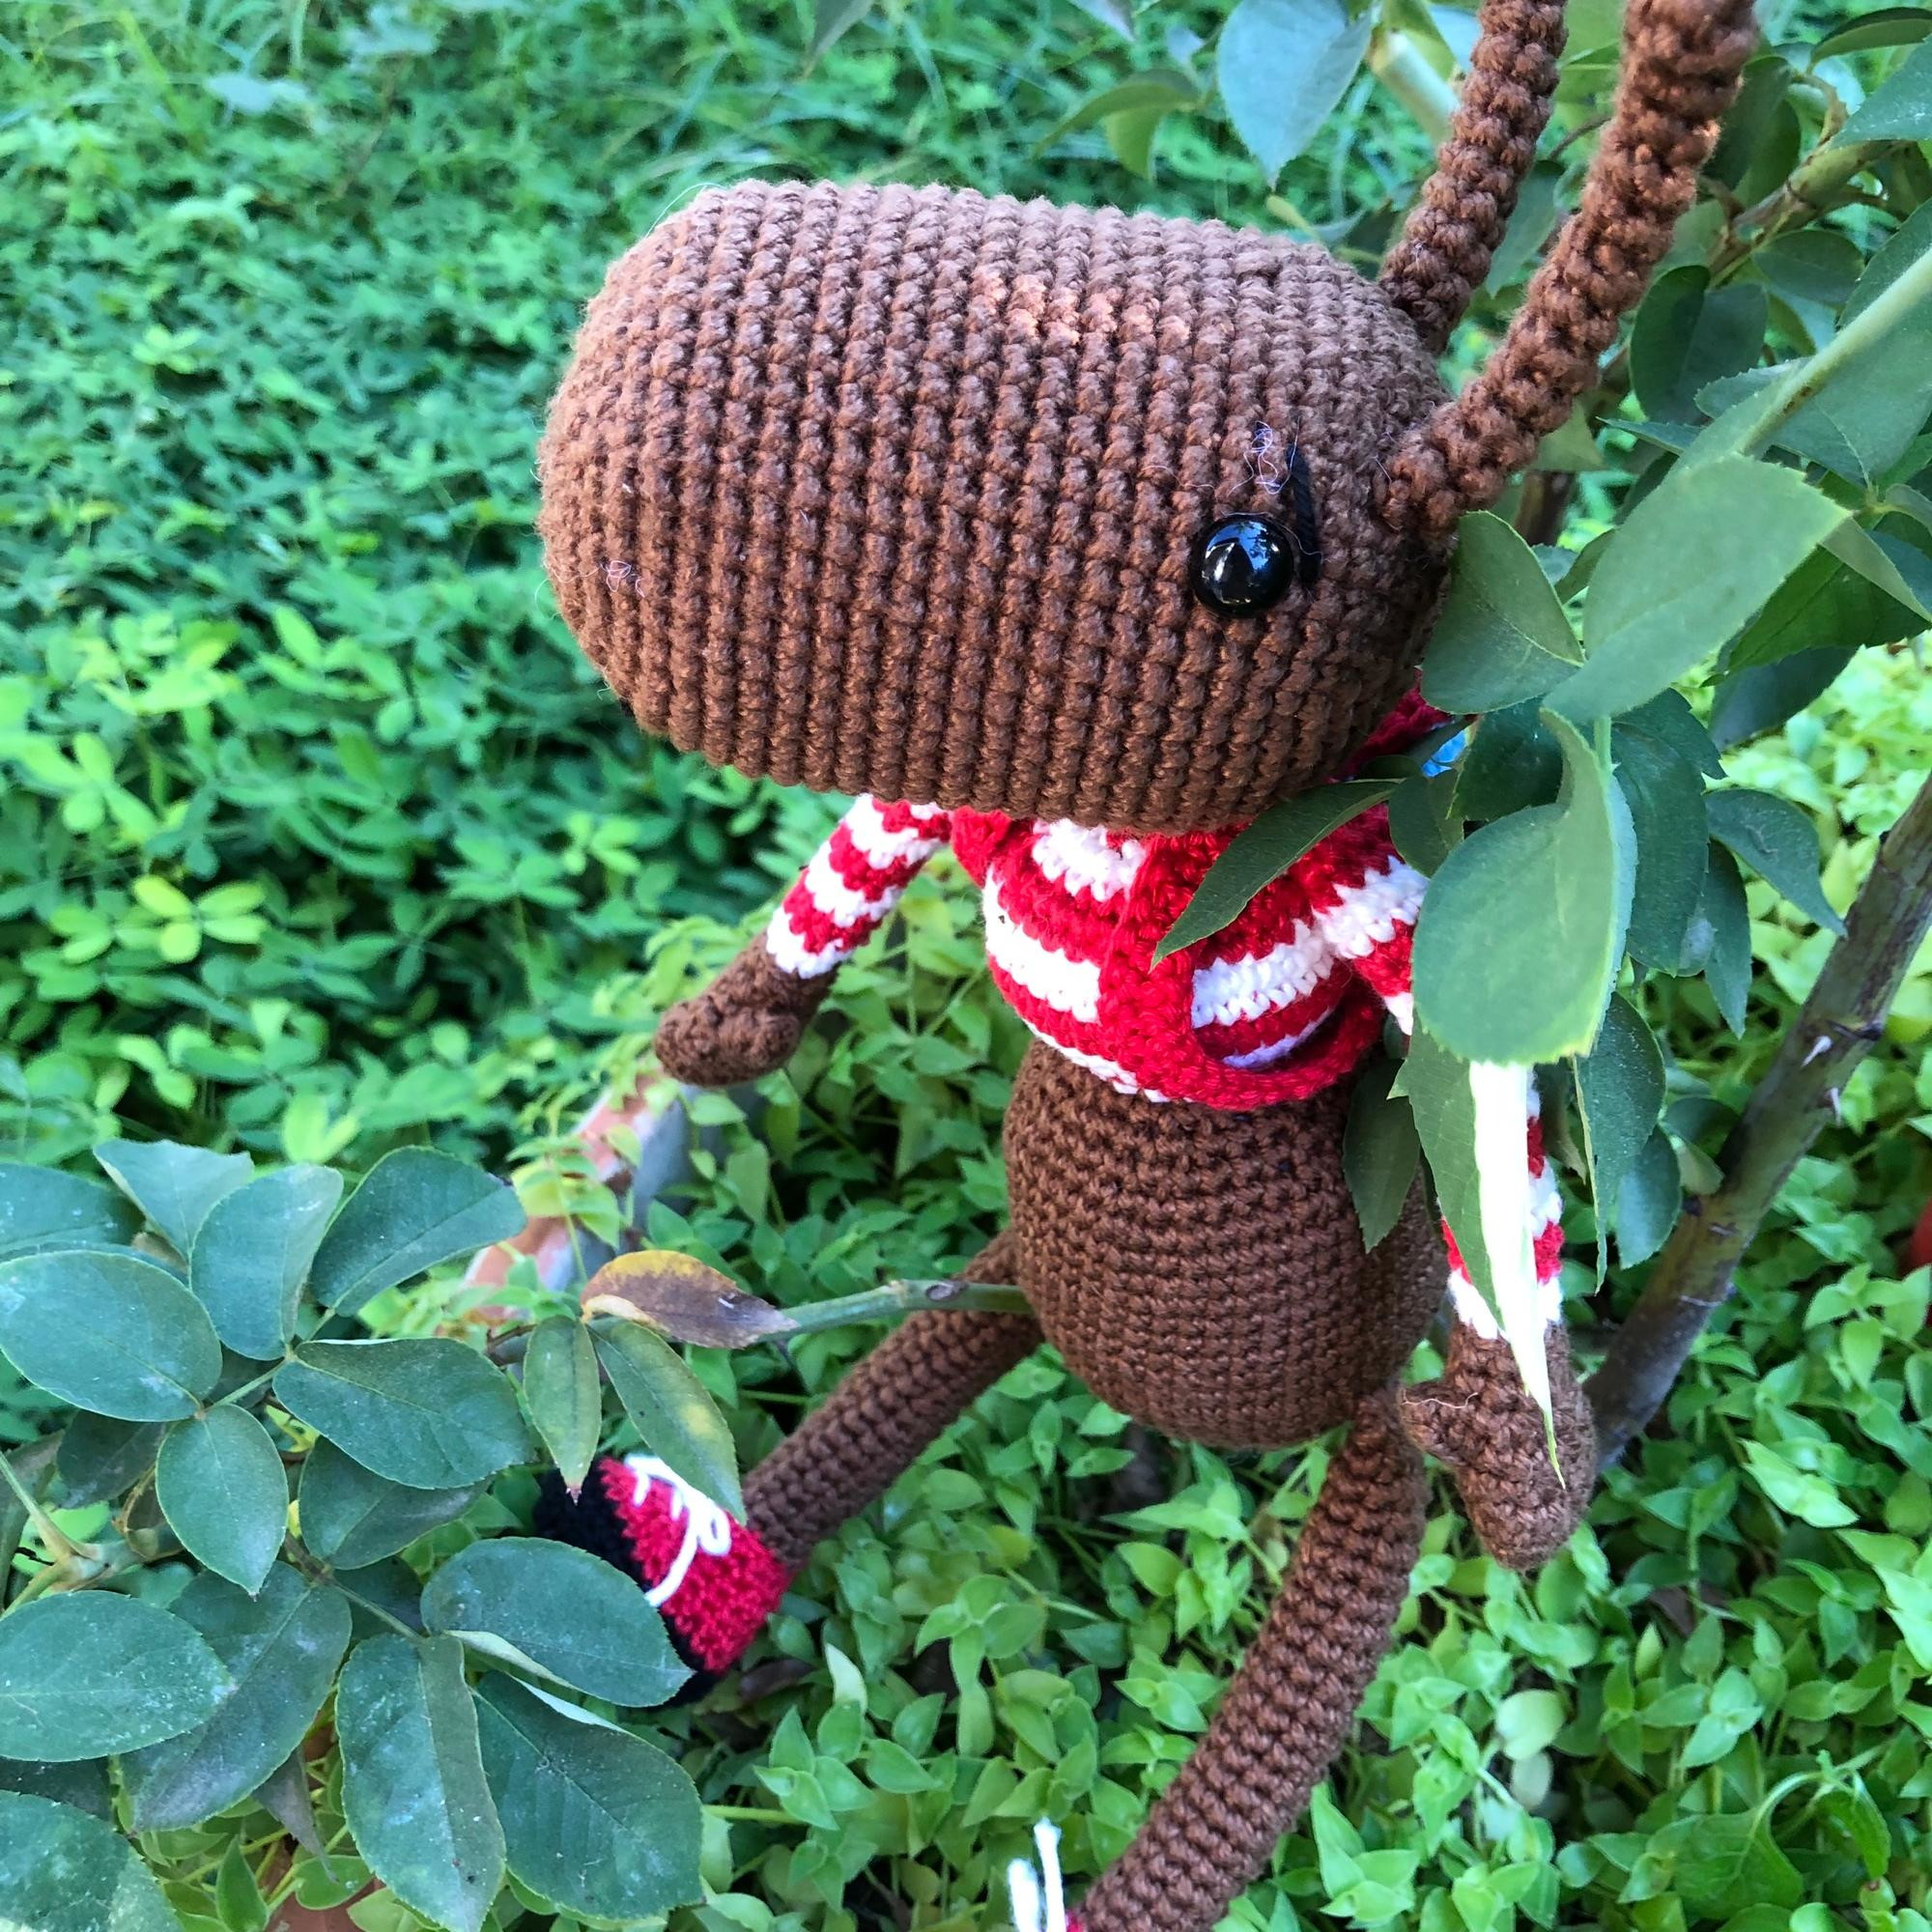 Amigurumi Ant Free Crochet Pattern | Brinquedos de crochê ... | 2000x2000